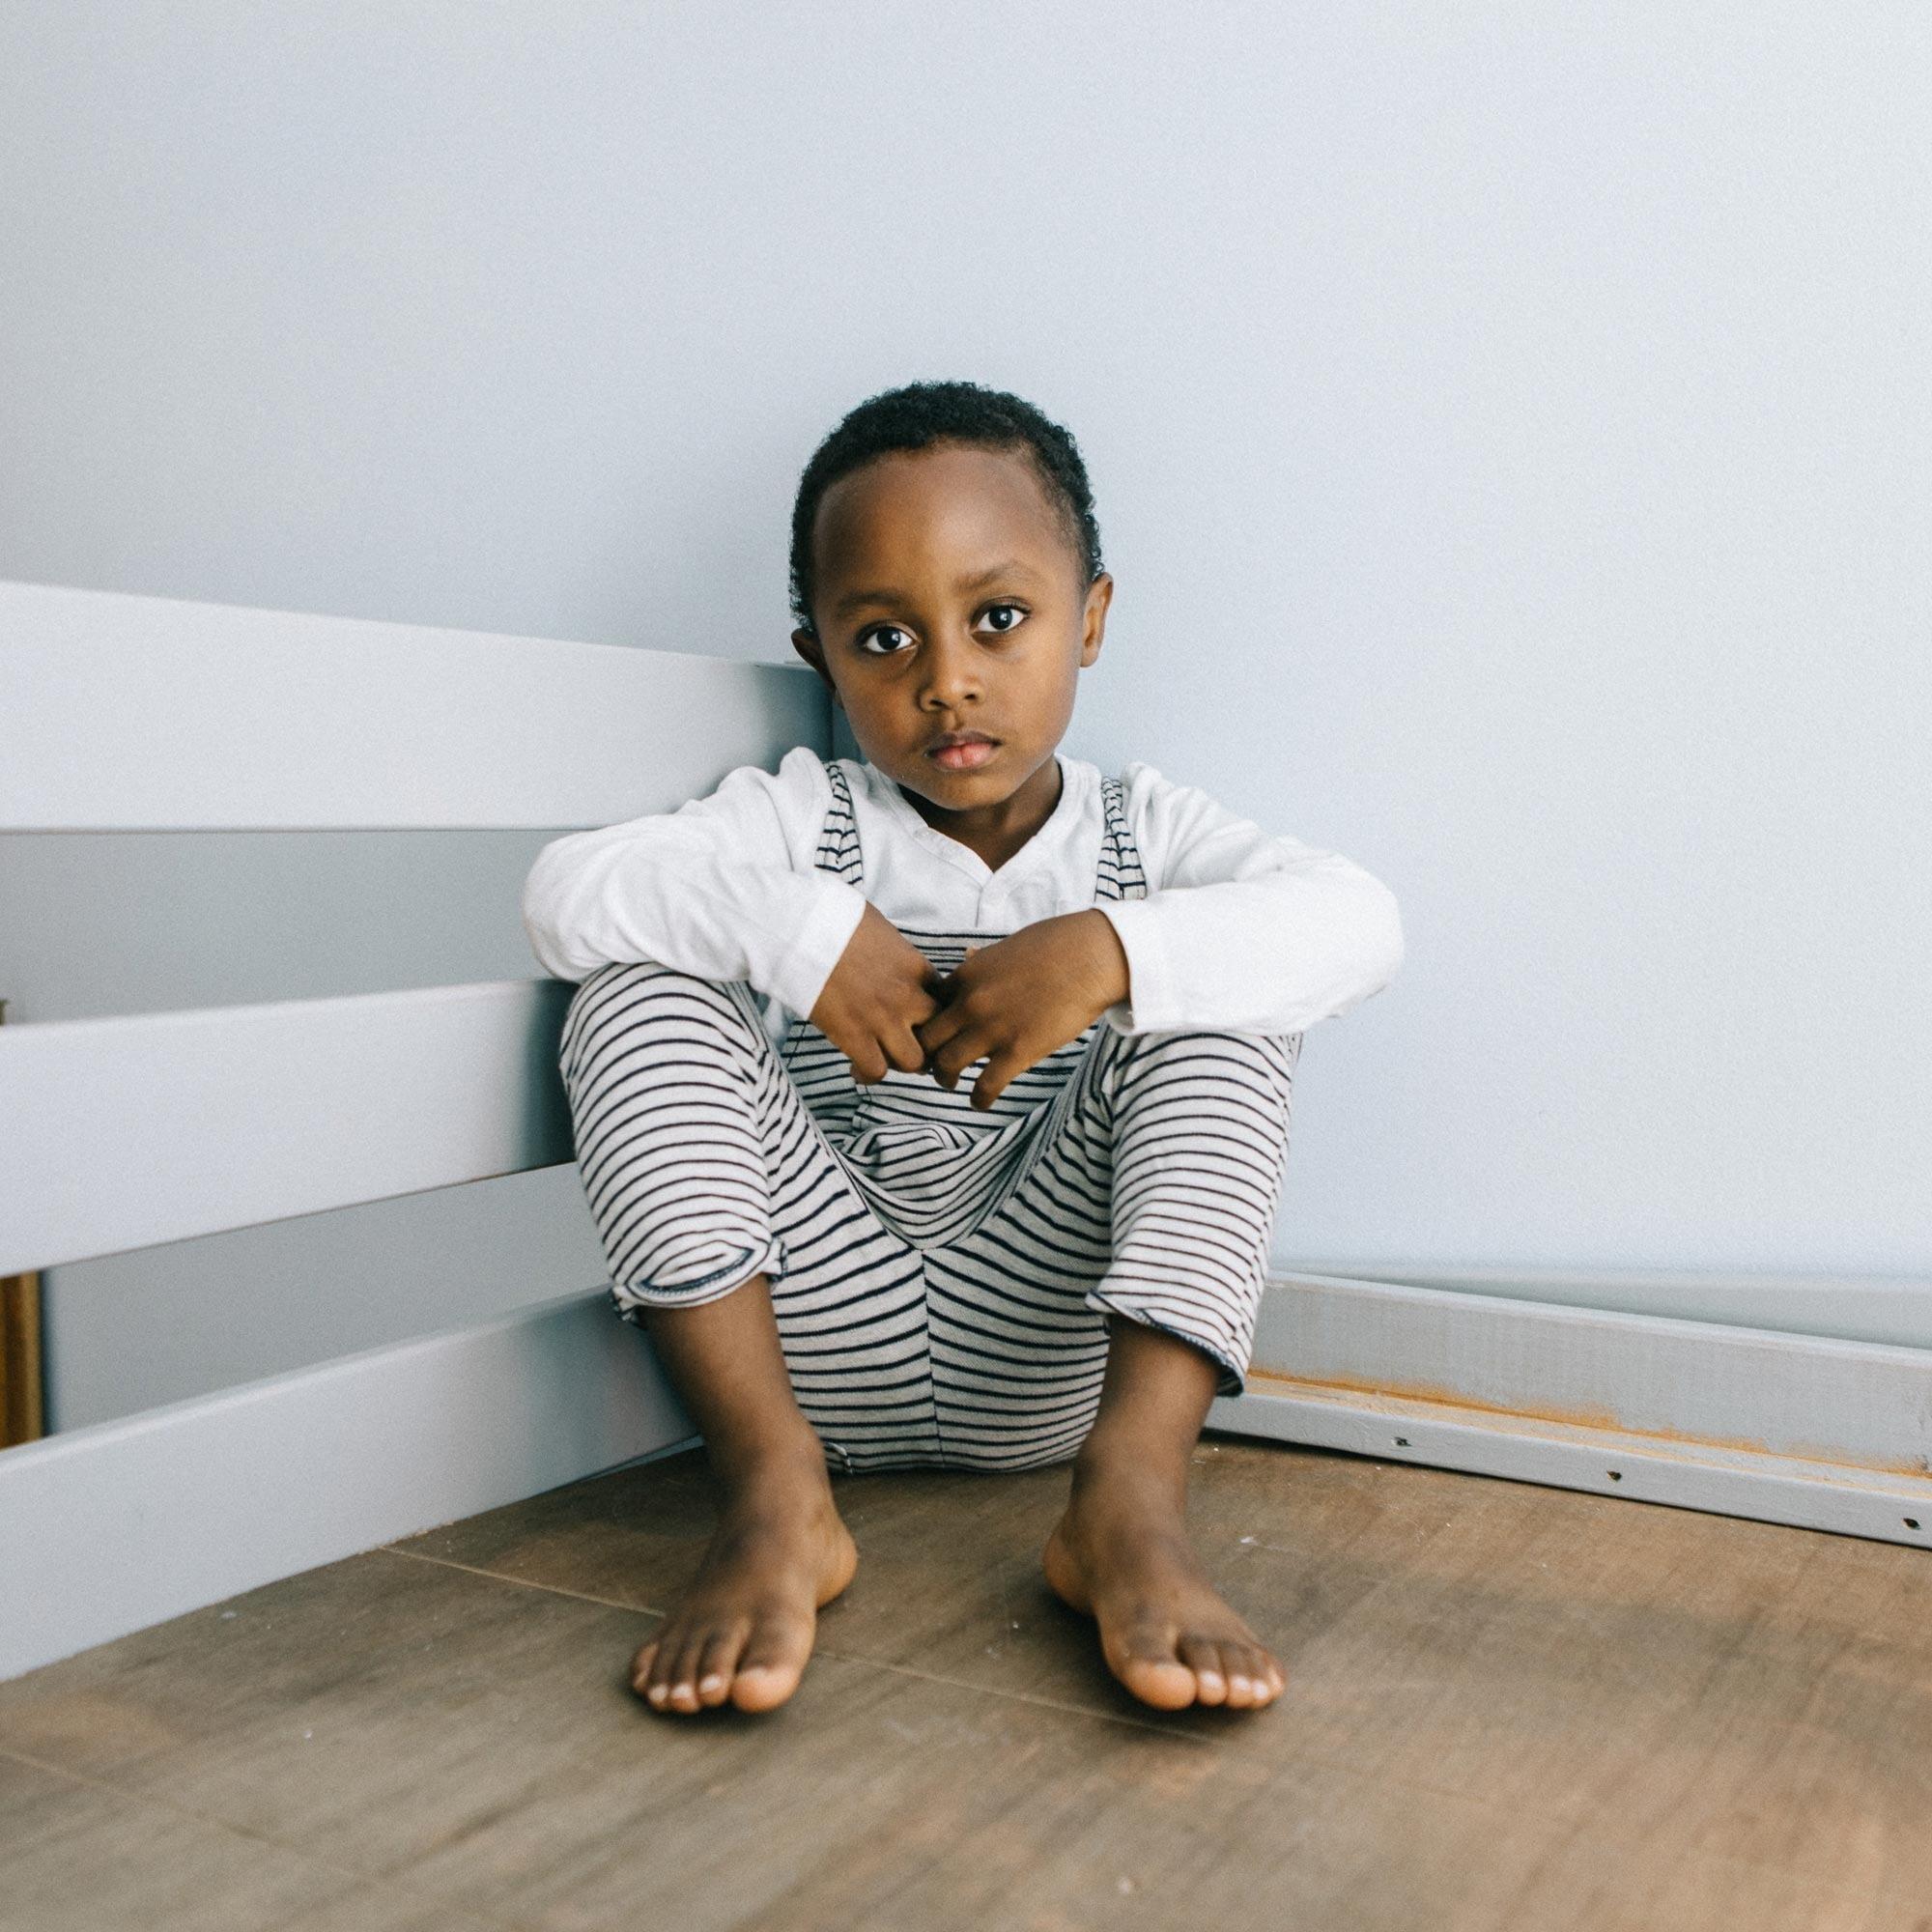 Human body, Comfort, Toe, Barefoot, Sitting, Flooring, Floor, Elbow, Shoulder, Finger